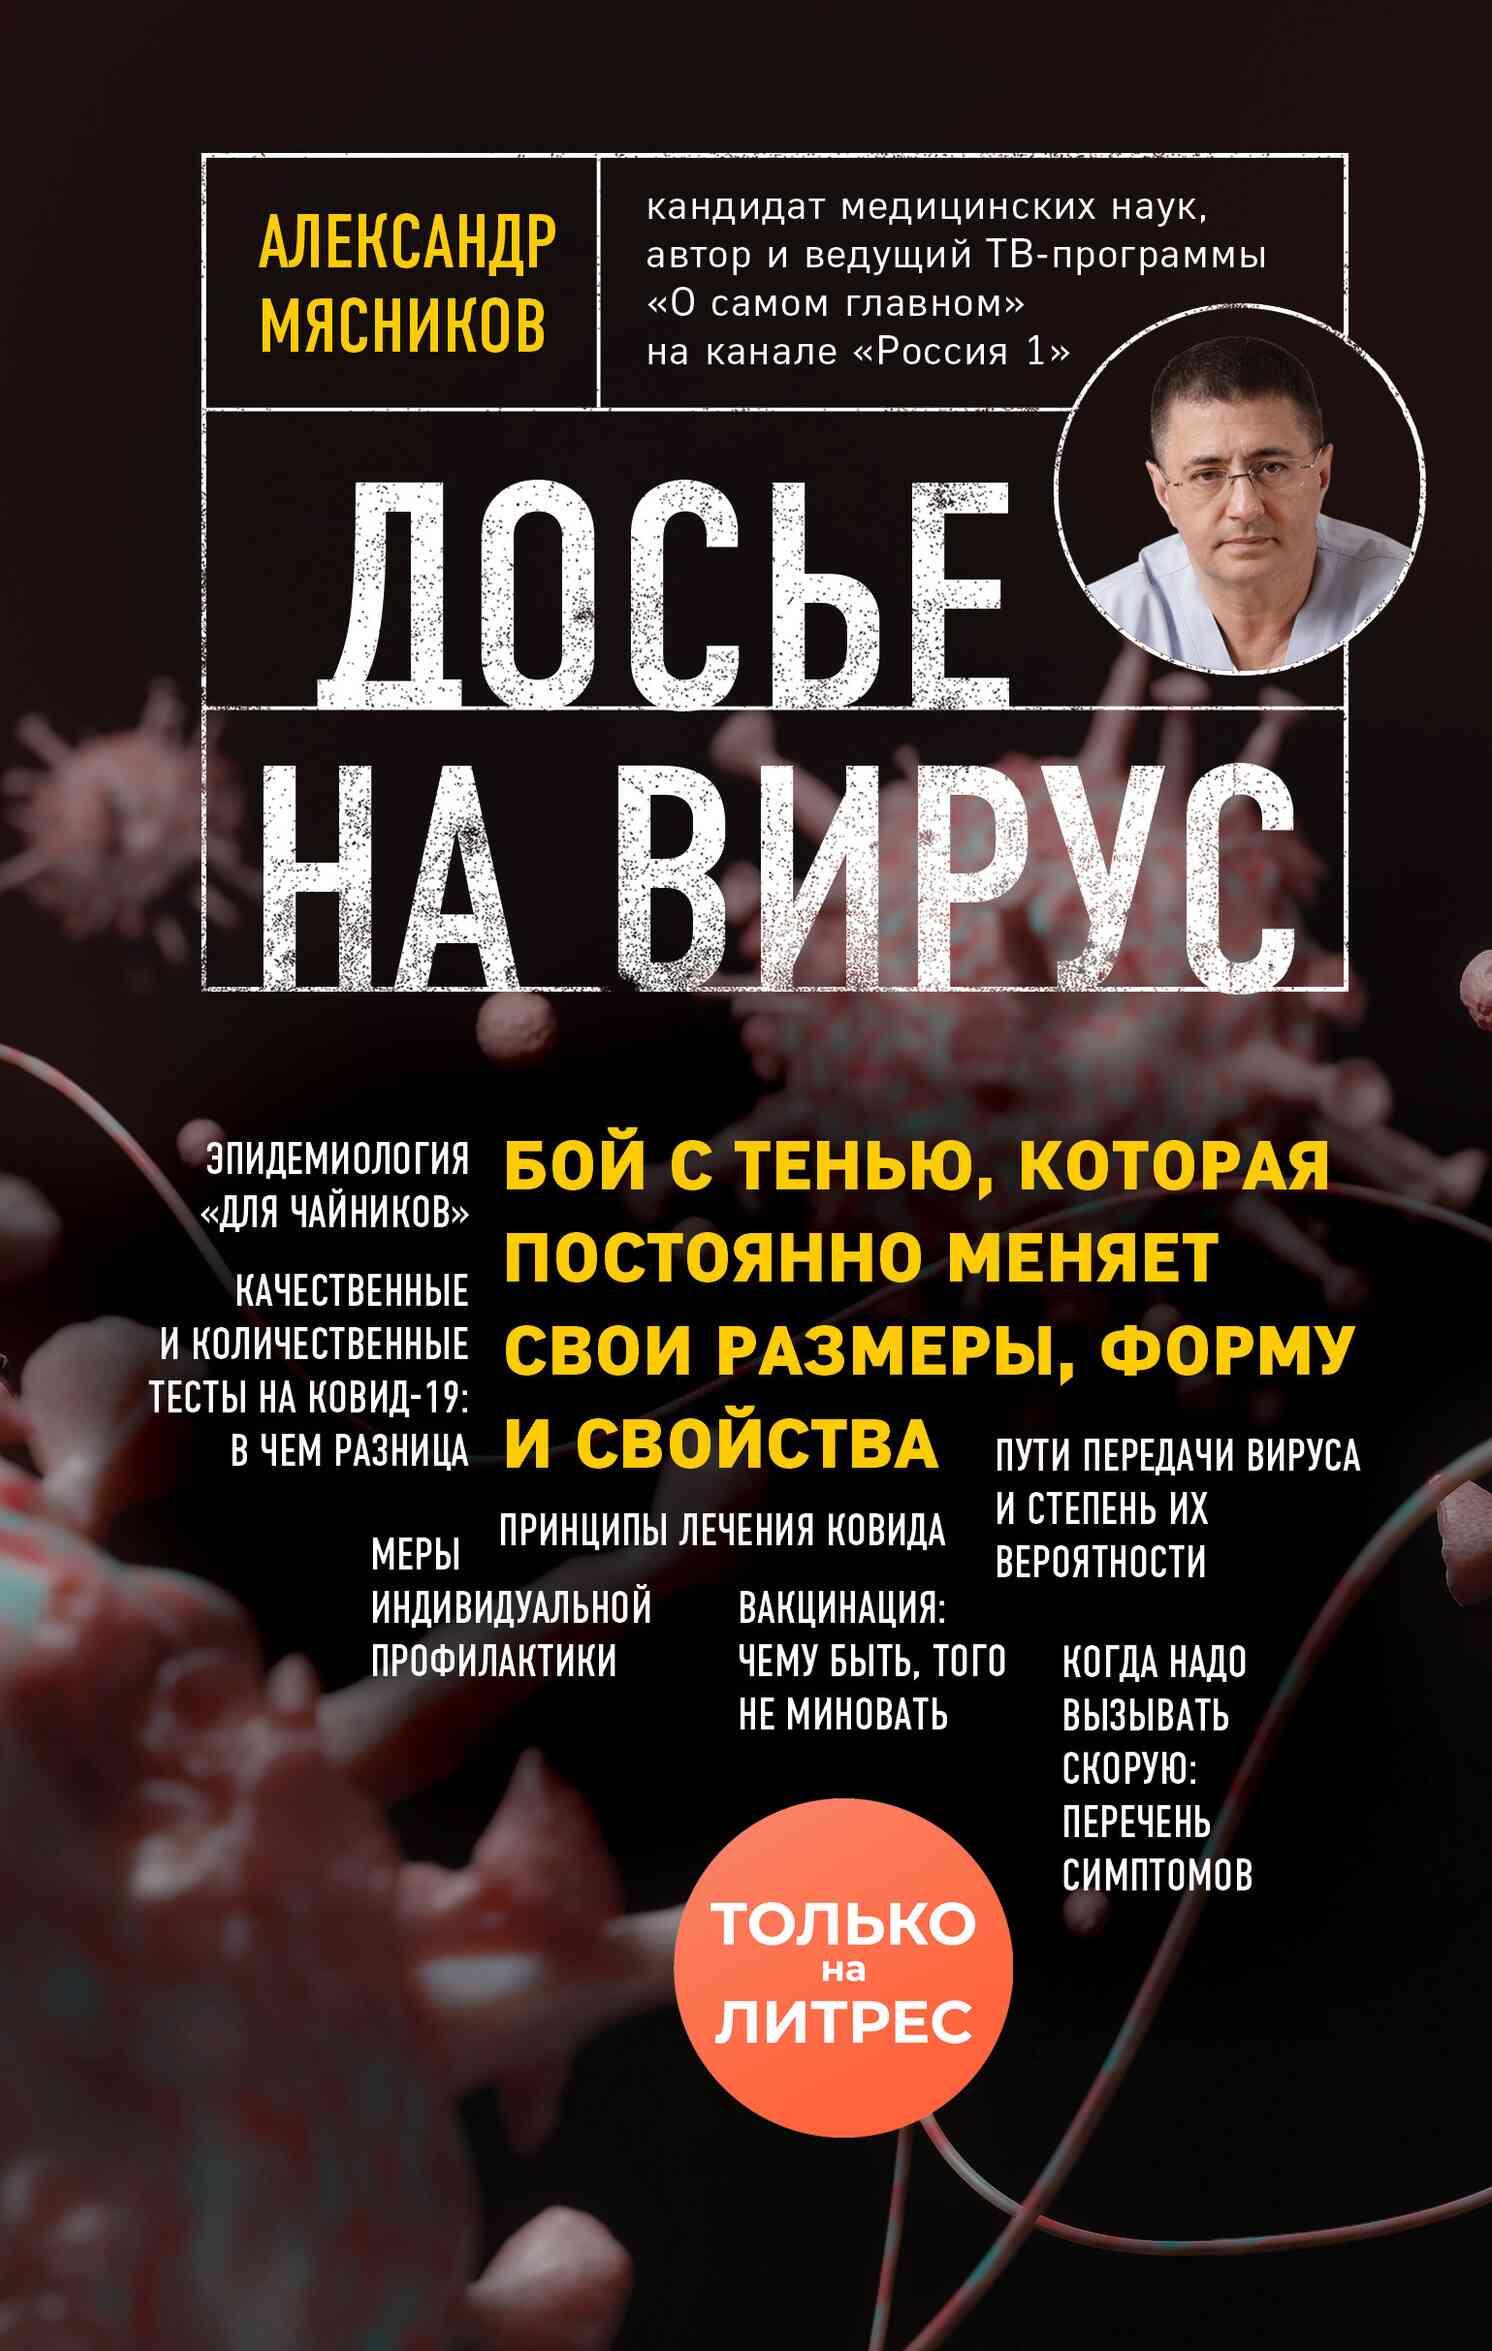 Александр мясников русская рулетка читать онлайн бесплатно покупка ресивера голденинтерстар 8700 премиум